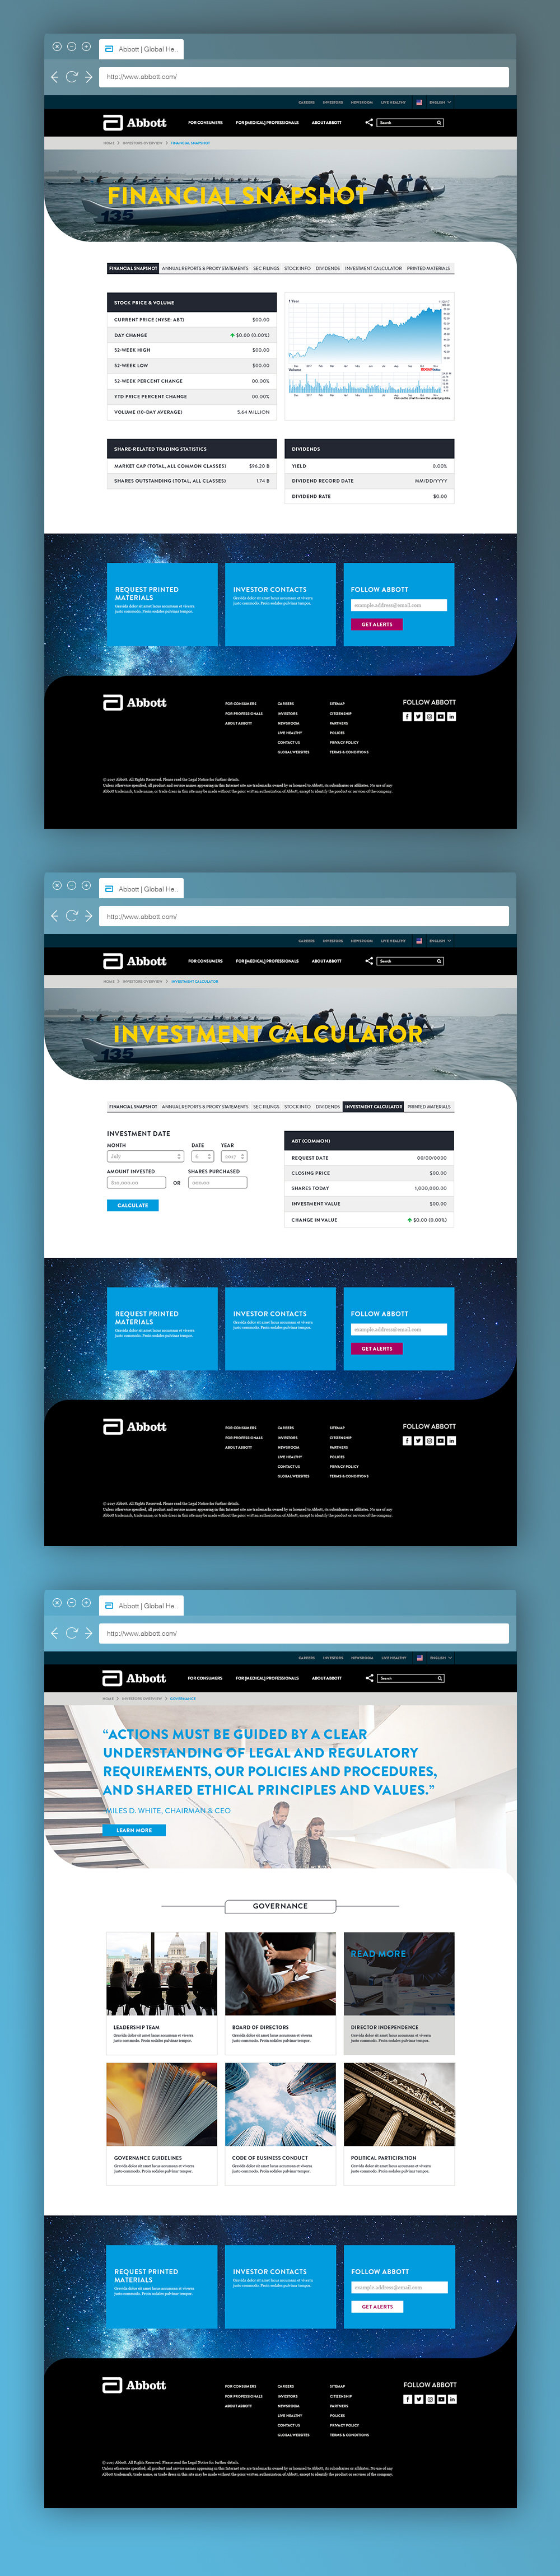 investors-page-browser-mockup.jpg